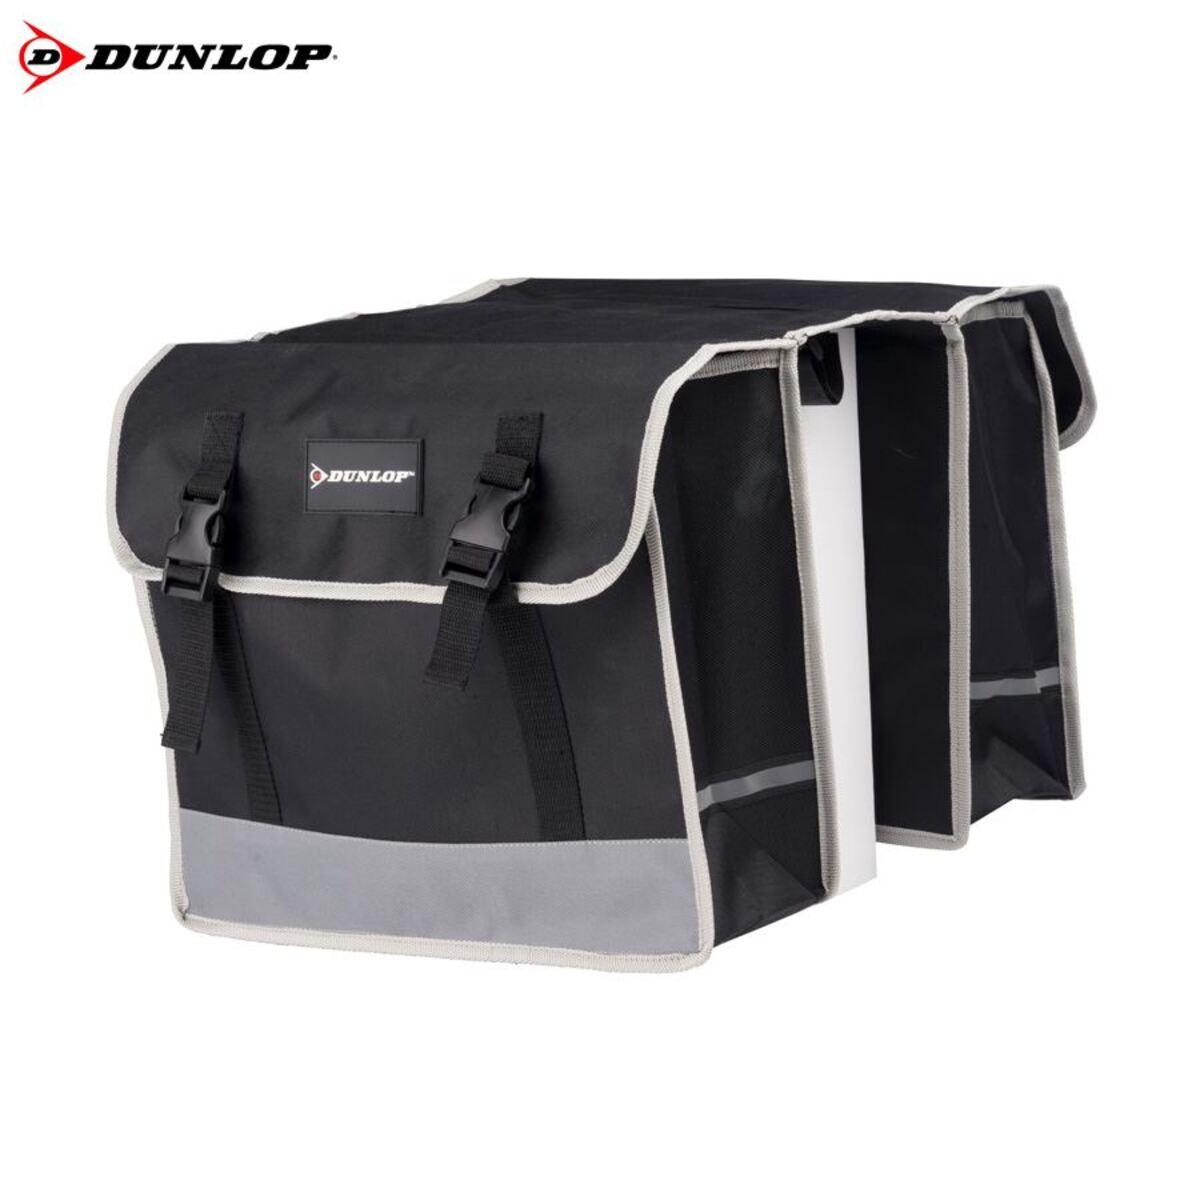 Bild 1 von Dunlop Fahrrad-Doppelsatteltasche